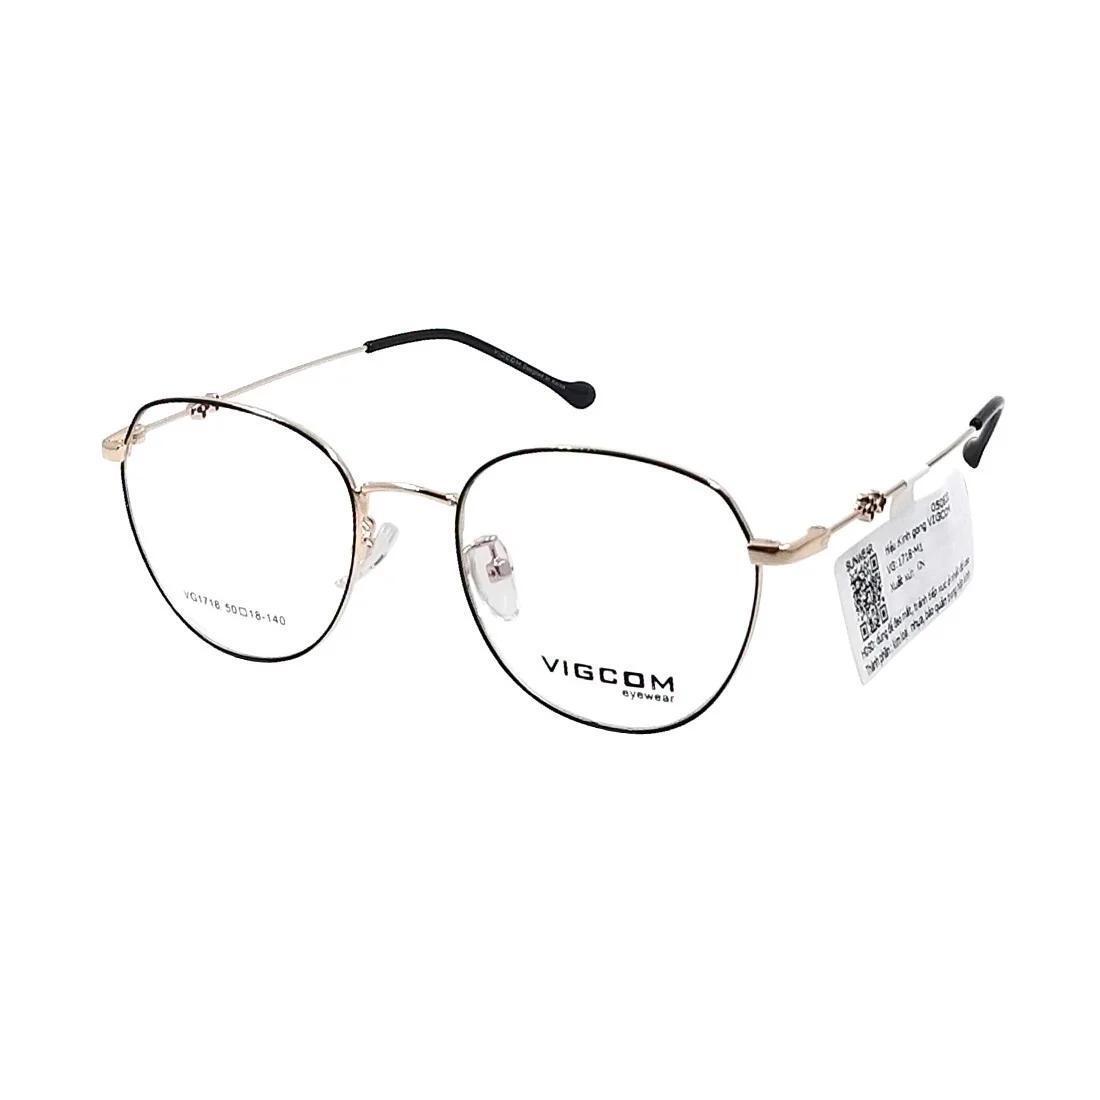 Gọng kính Vigcom VG1718 M1